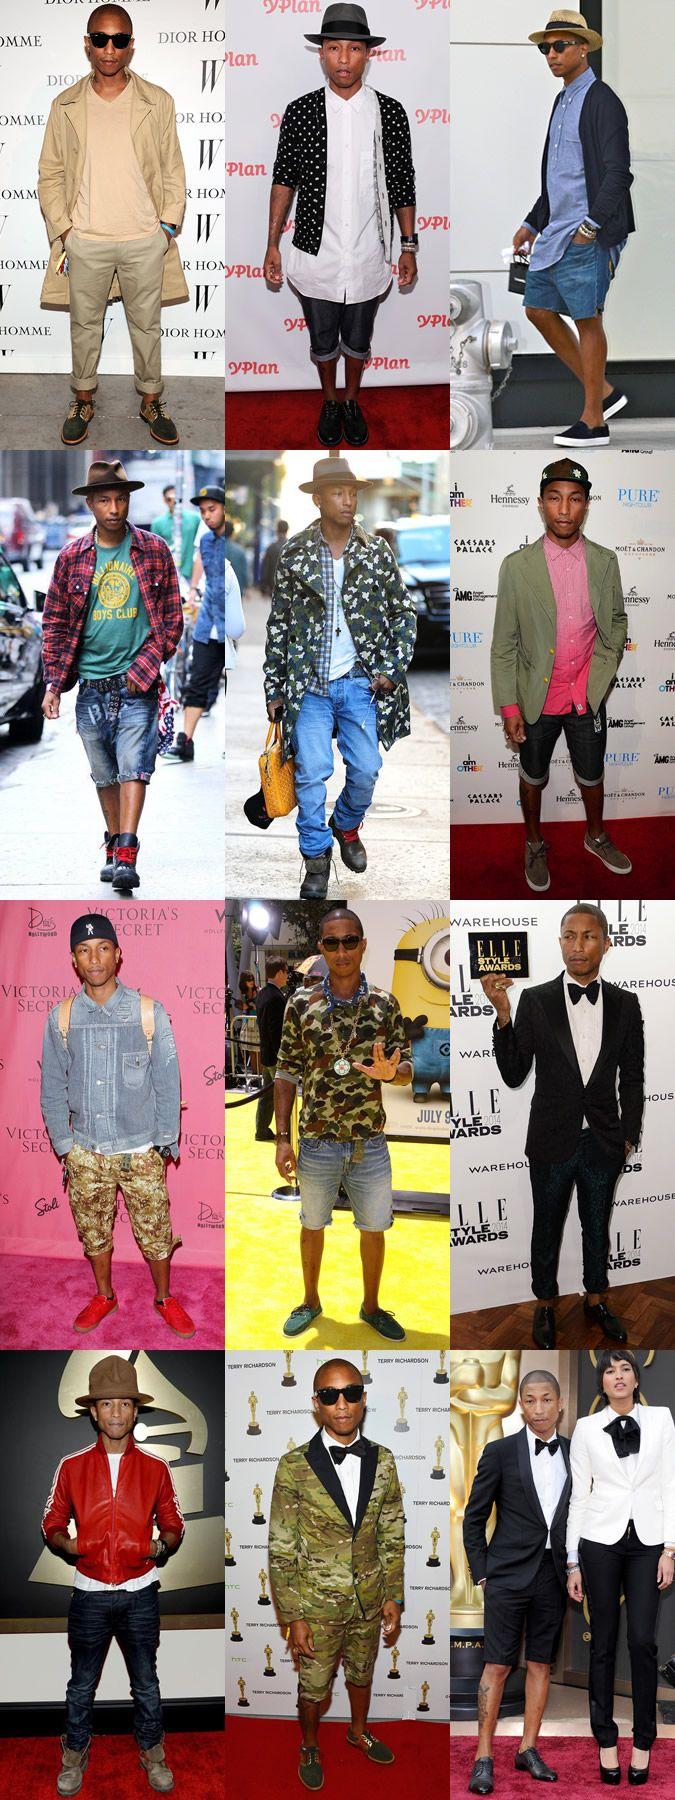 Pharrell Williams Personal Style Lookbook